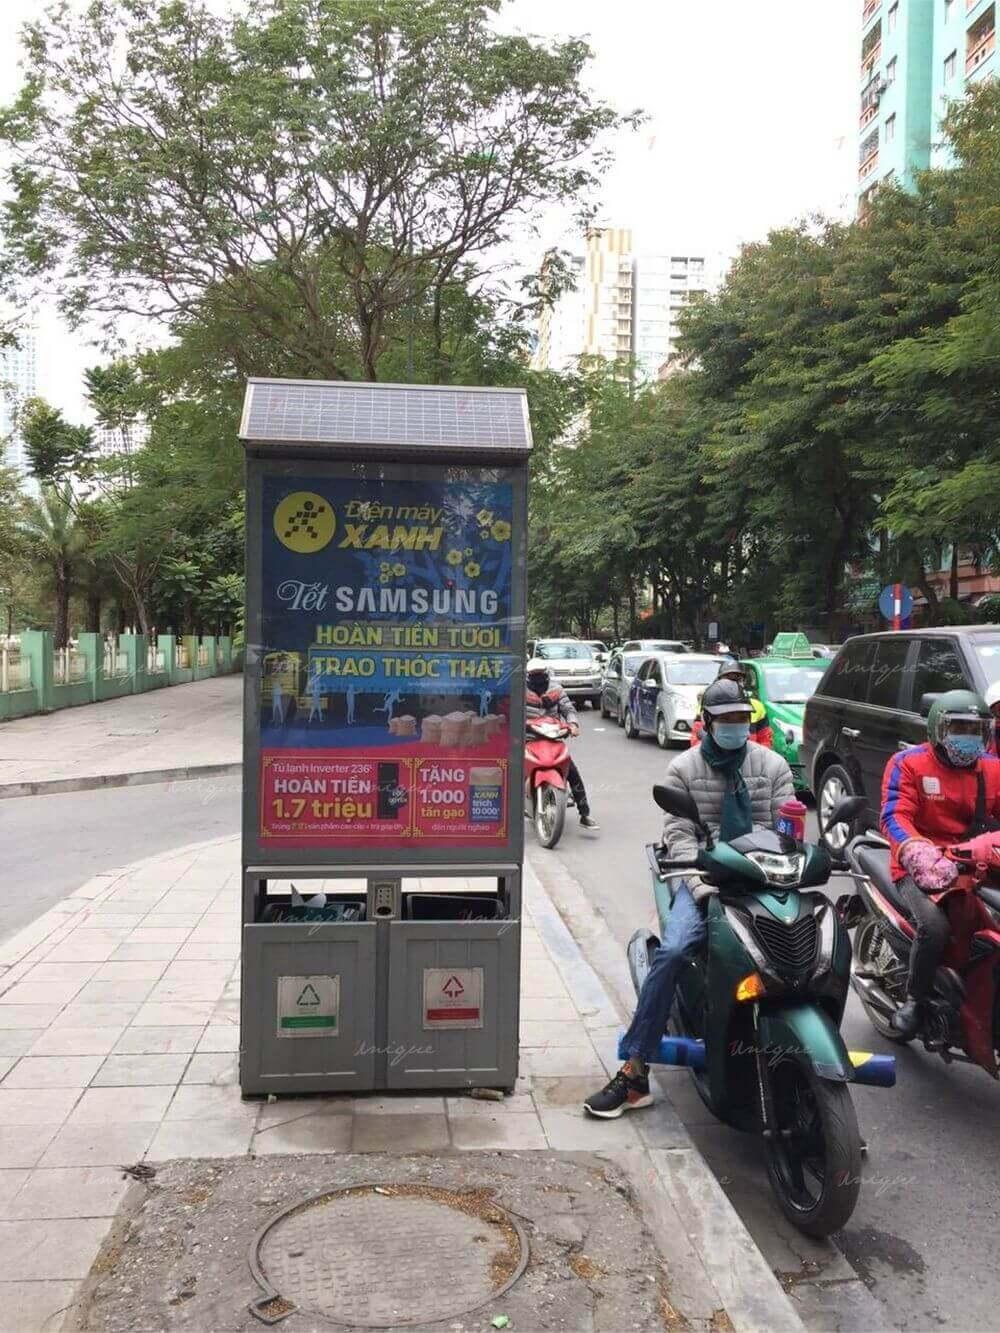 điện máy xanh quảng cáo Tết 2021